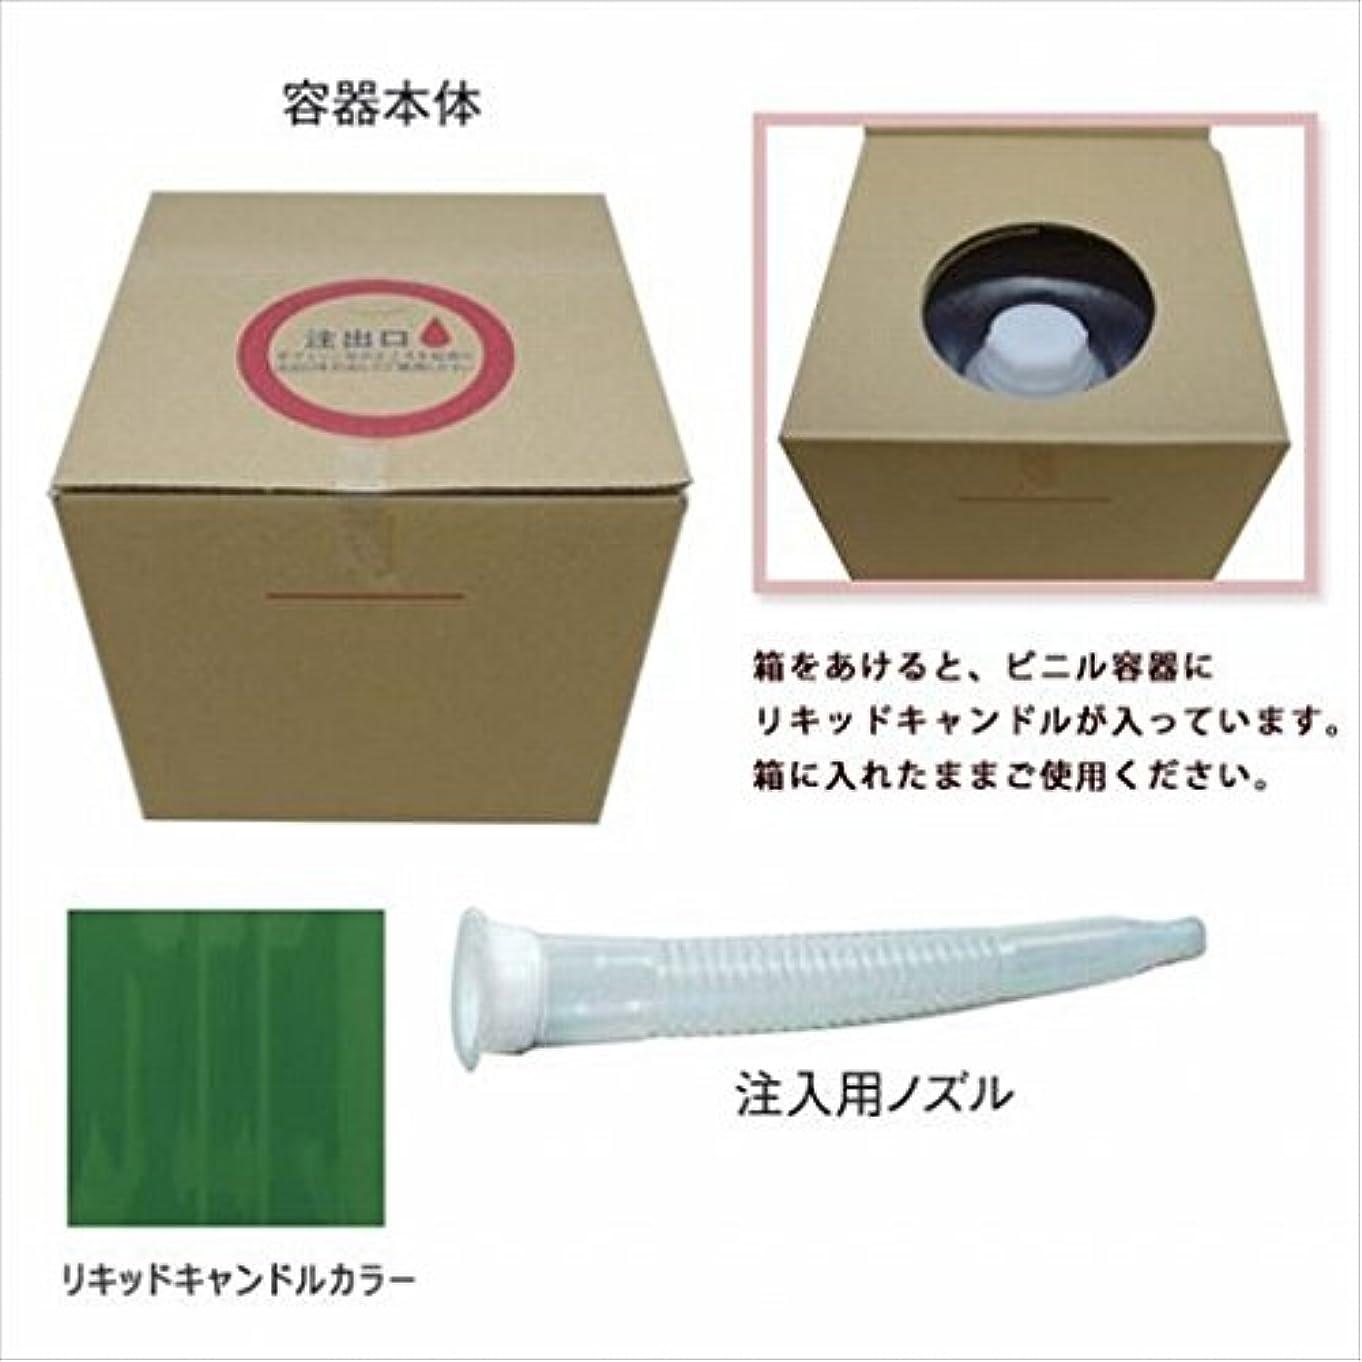 訴えるフックワイドカメヤマキャンドル(kameyama candle) リキッドキャンドル5リットル 「 グリーン 」